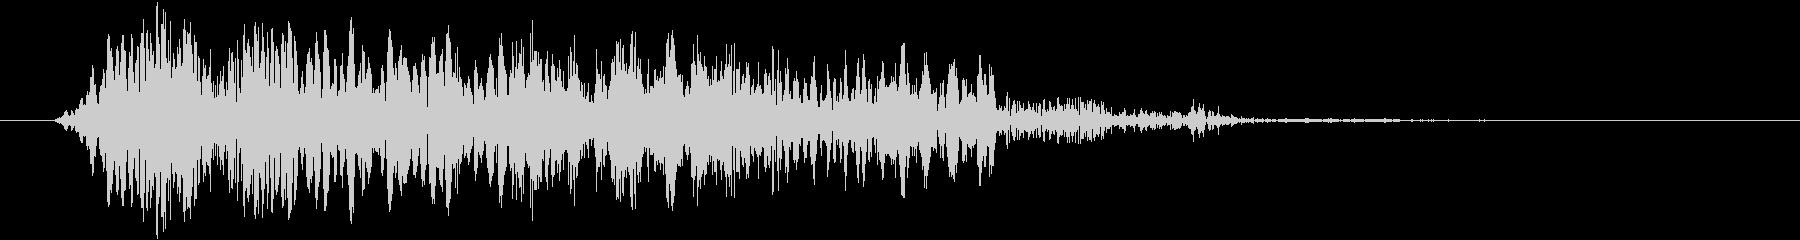 スクラッチカットの移行7の未再生の波形